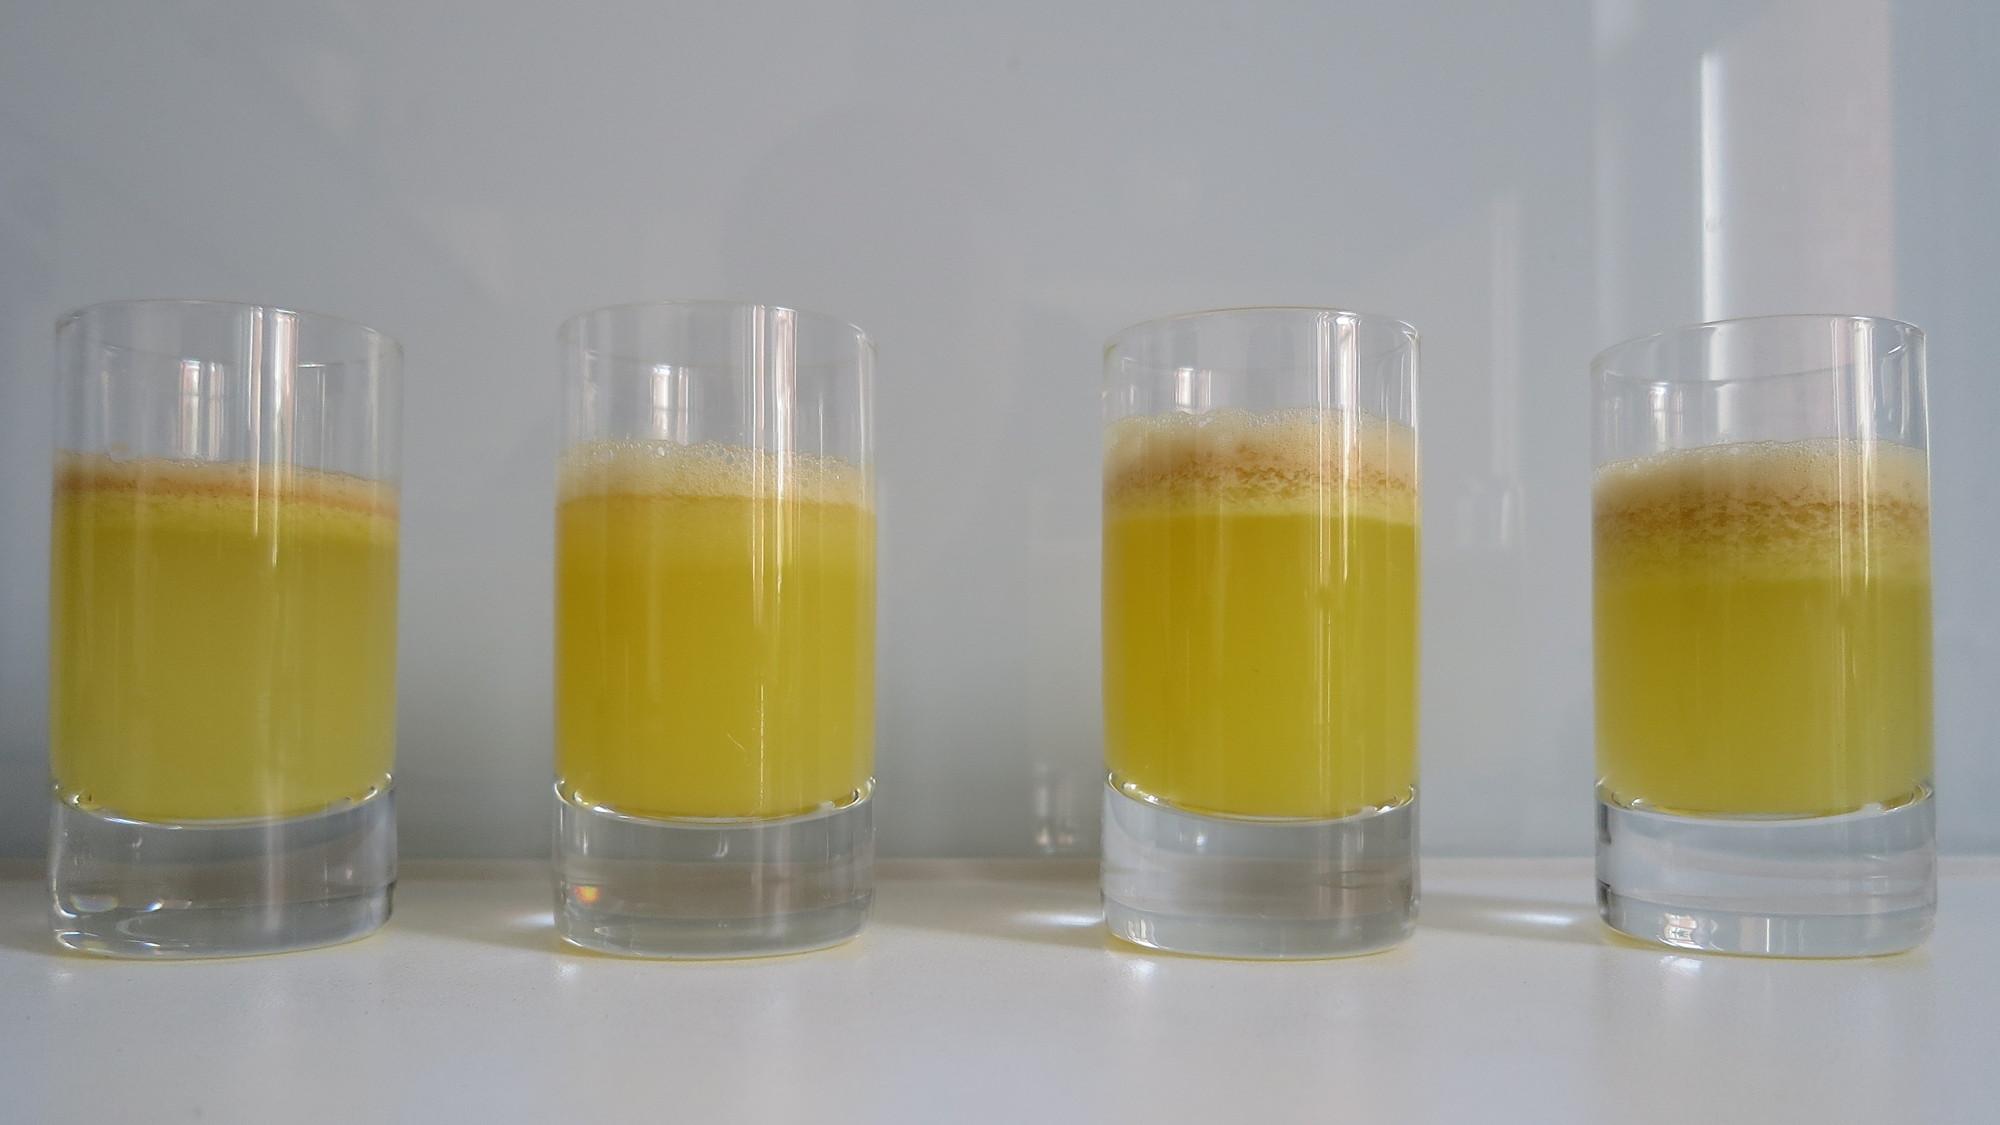 Apfelsaft-Shots